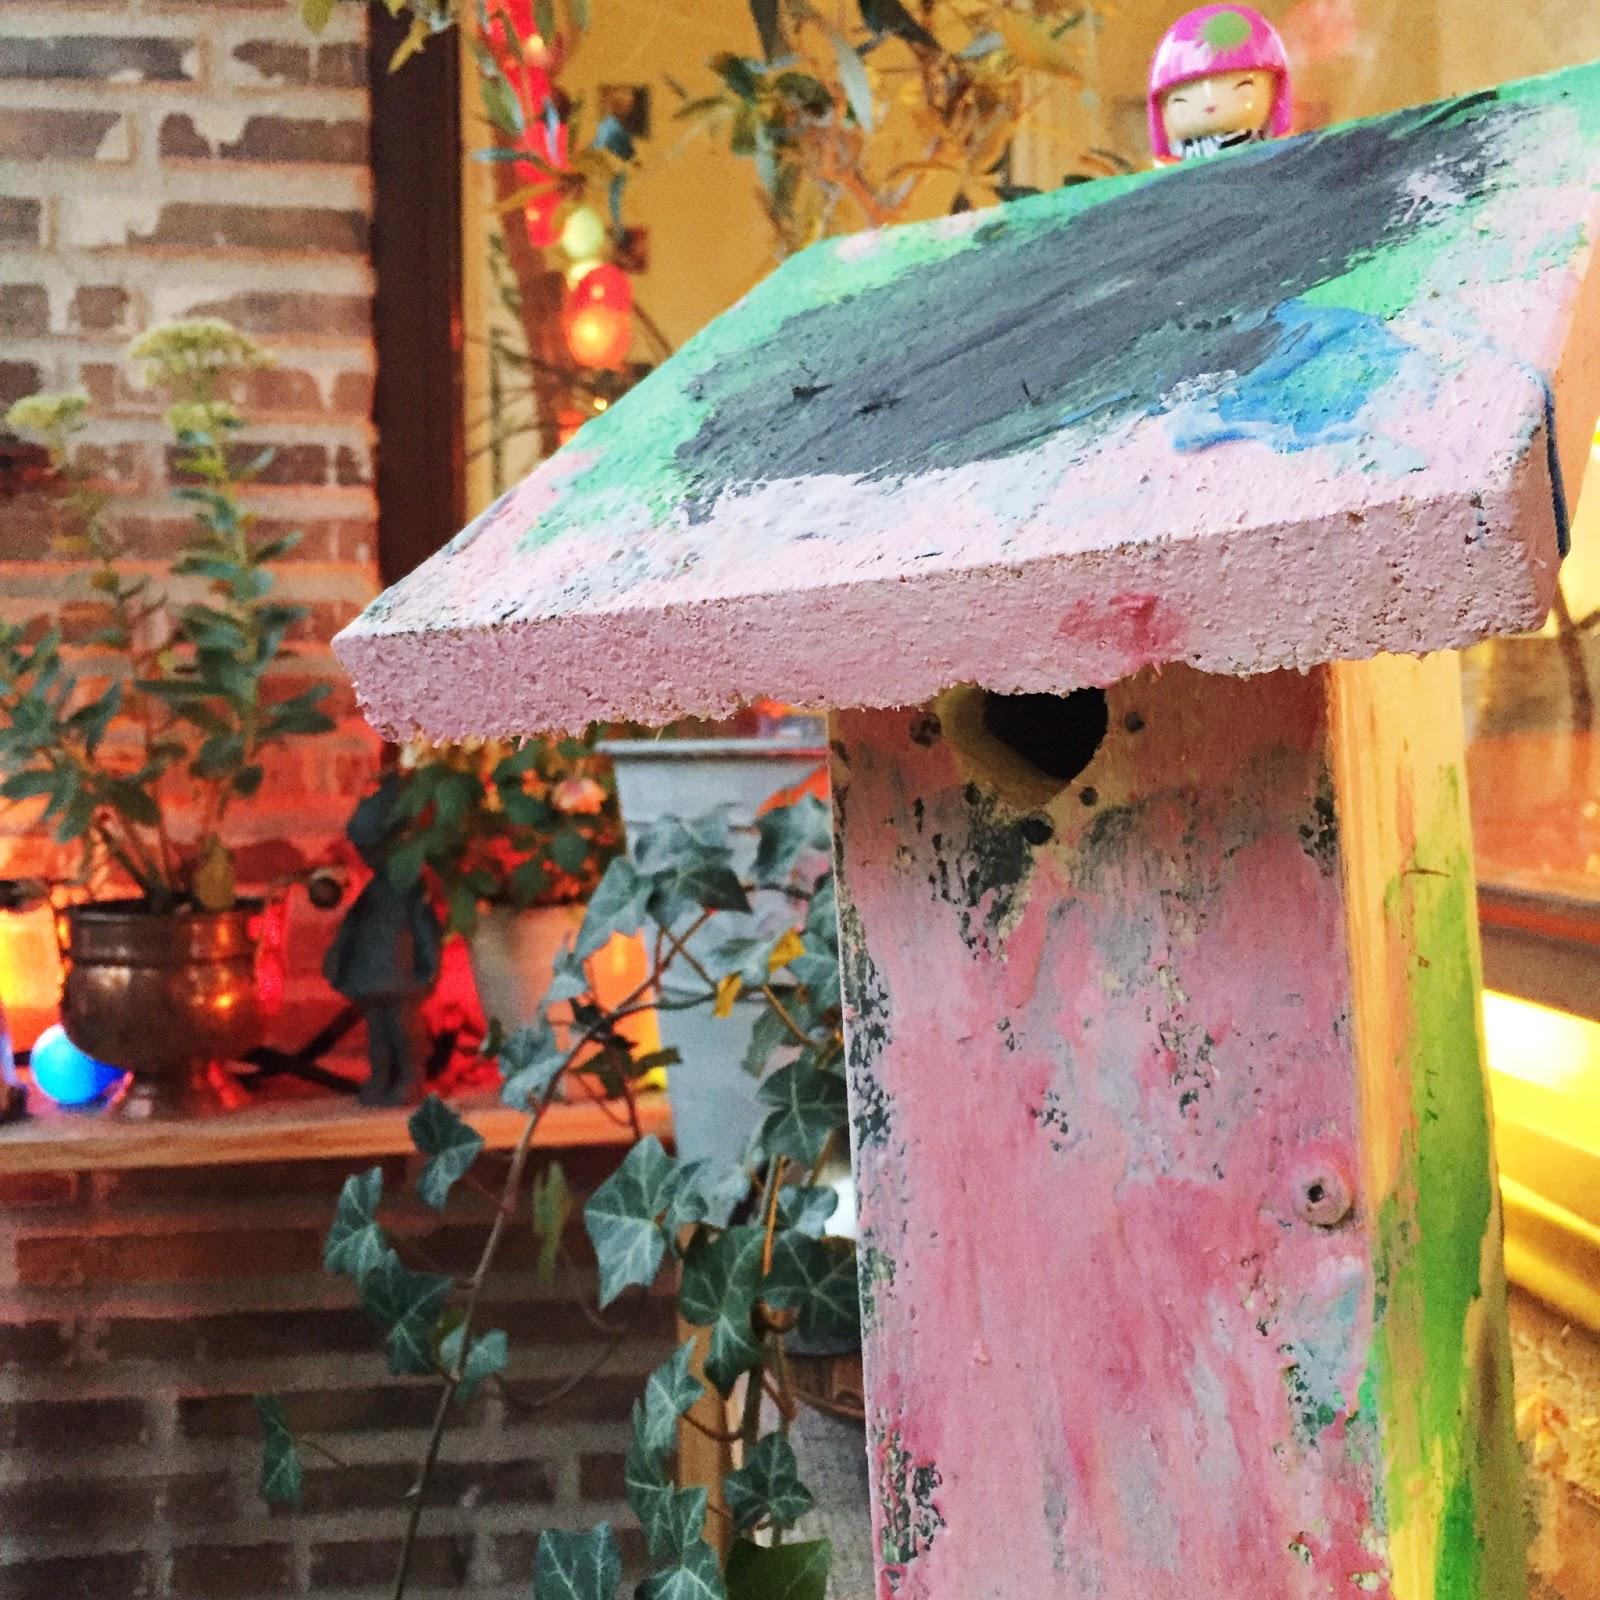 Bygg och måla en egen fågelholk.